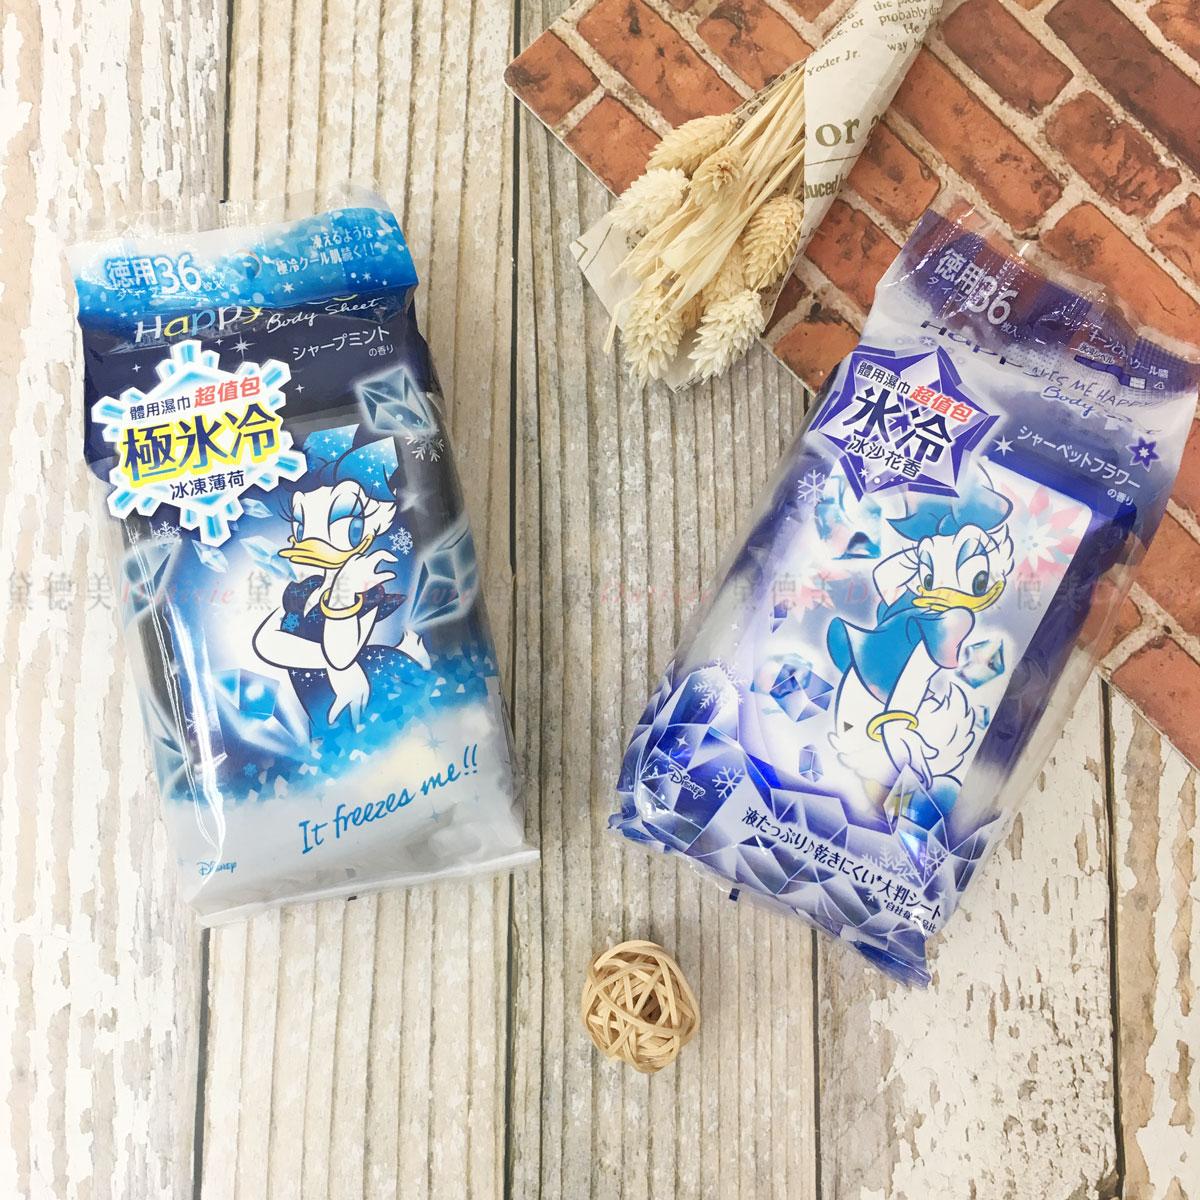 MANDOM 黛西款體用濕巾 超值包 激動薄荷 冰沙花香 日本進口